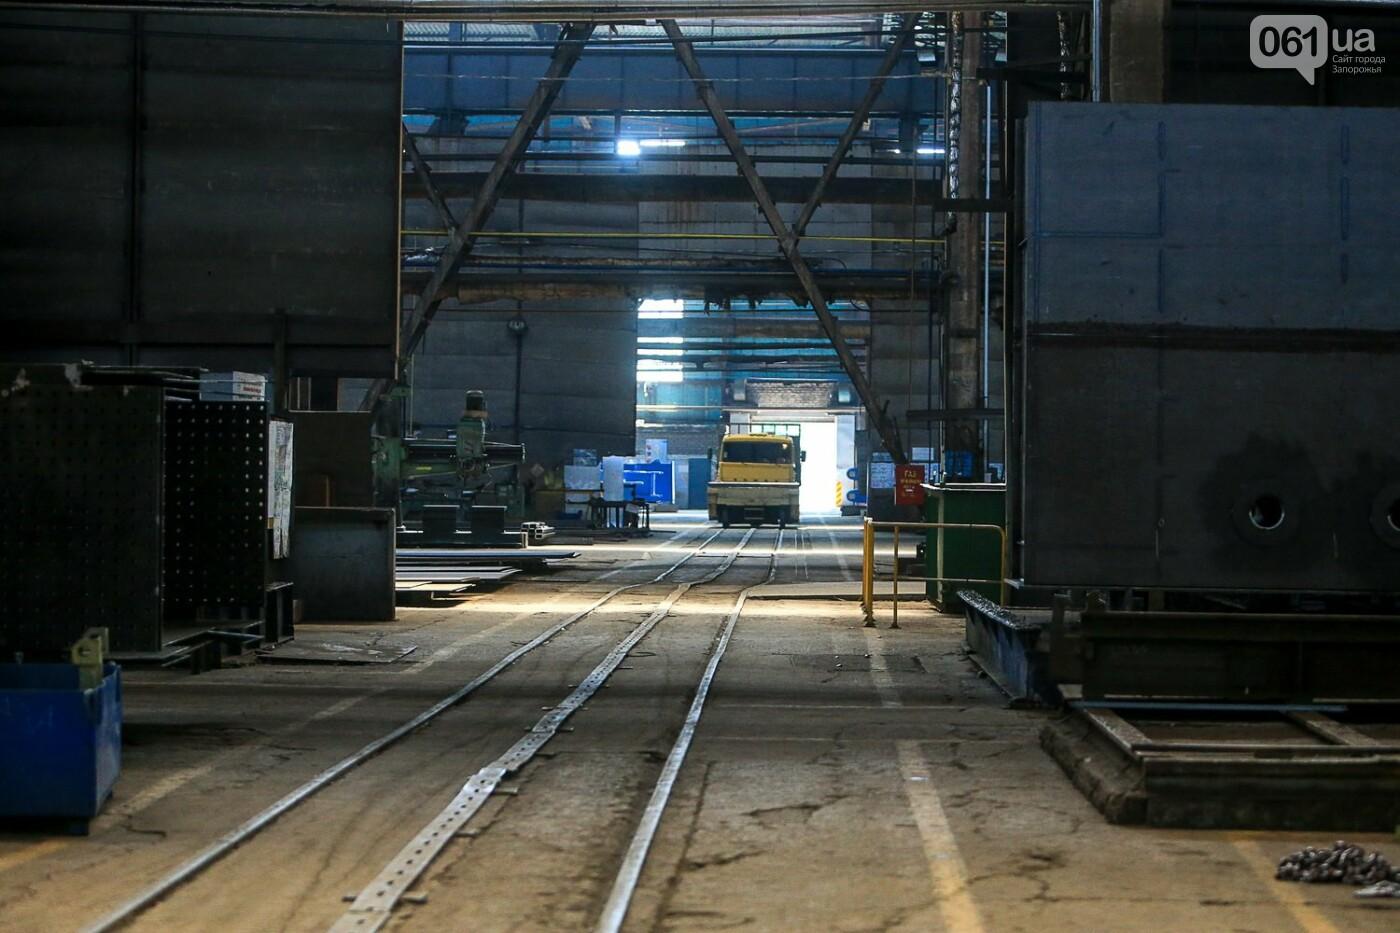 Как в Запорожье работает крупнейший в Европе завод по производству кранов: экскурсия на производство, — ФОТОРЕПОРТАЖ, фото-7